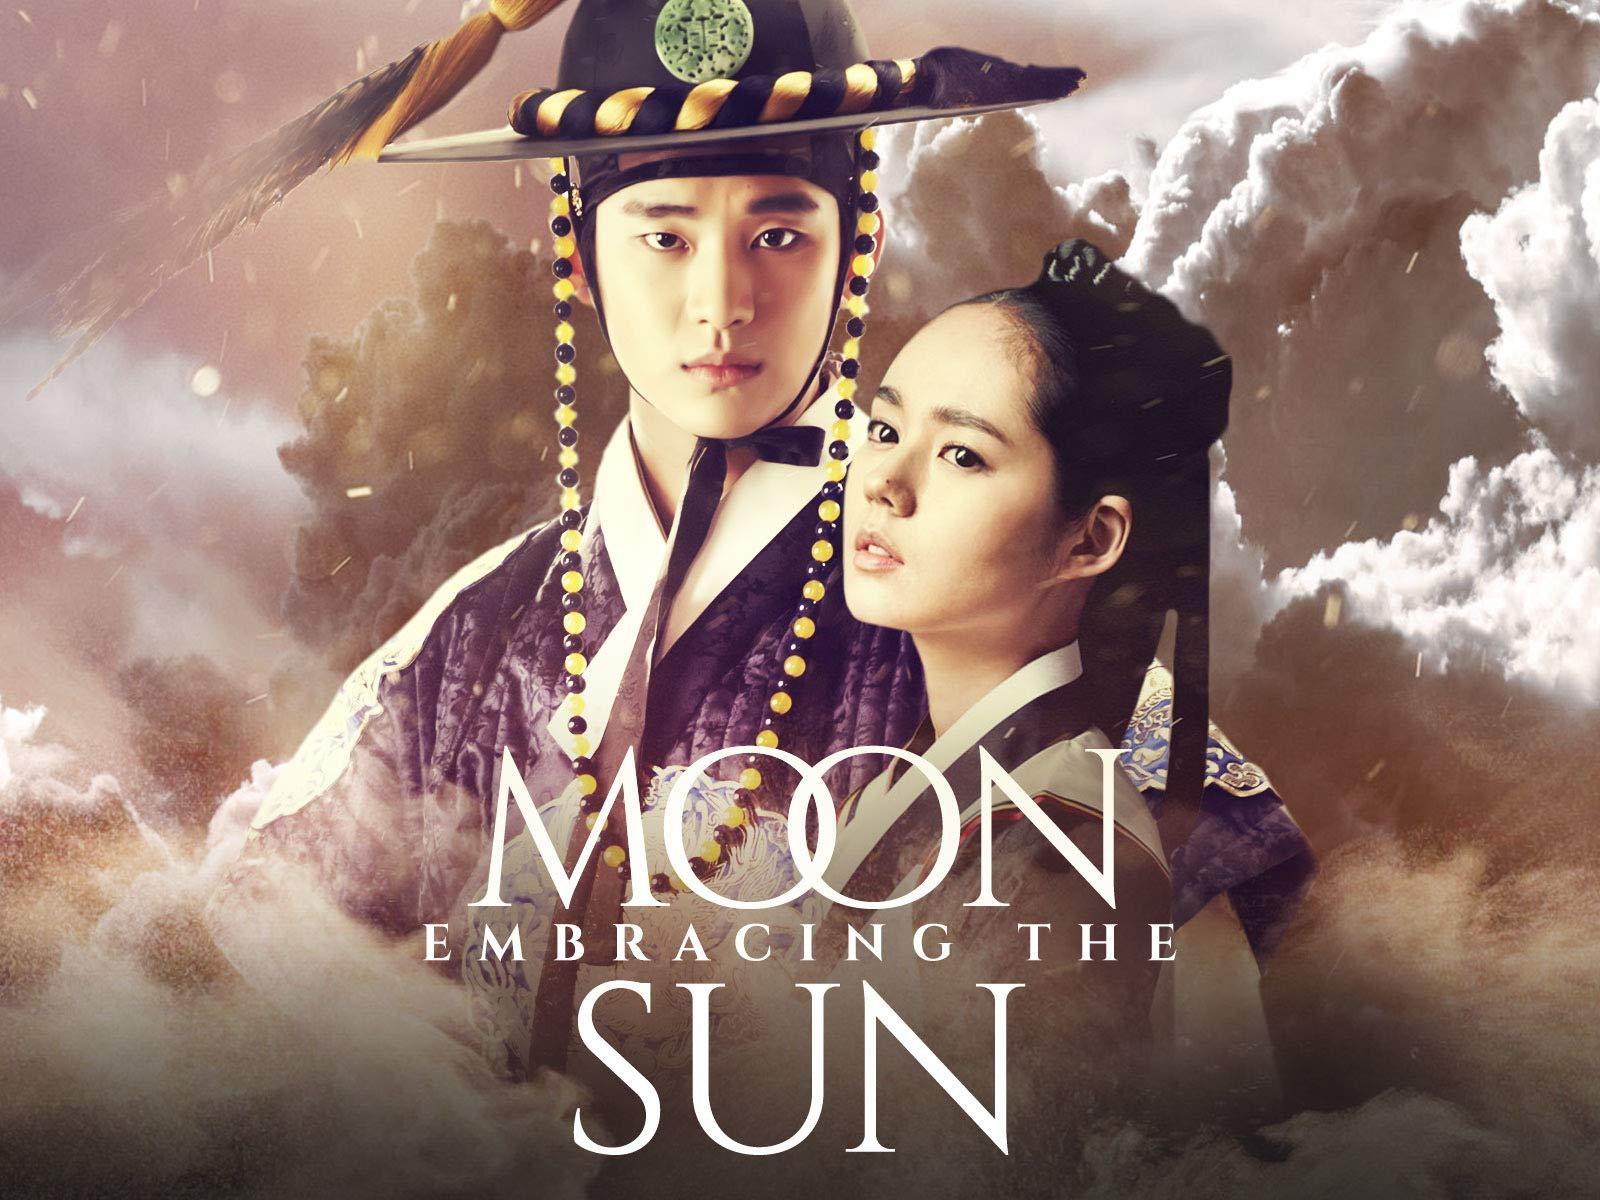 Amazon com: Moon Embracing the Sun: Kim Soo-hyun, Han Ga-in, Jung Il